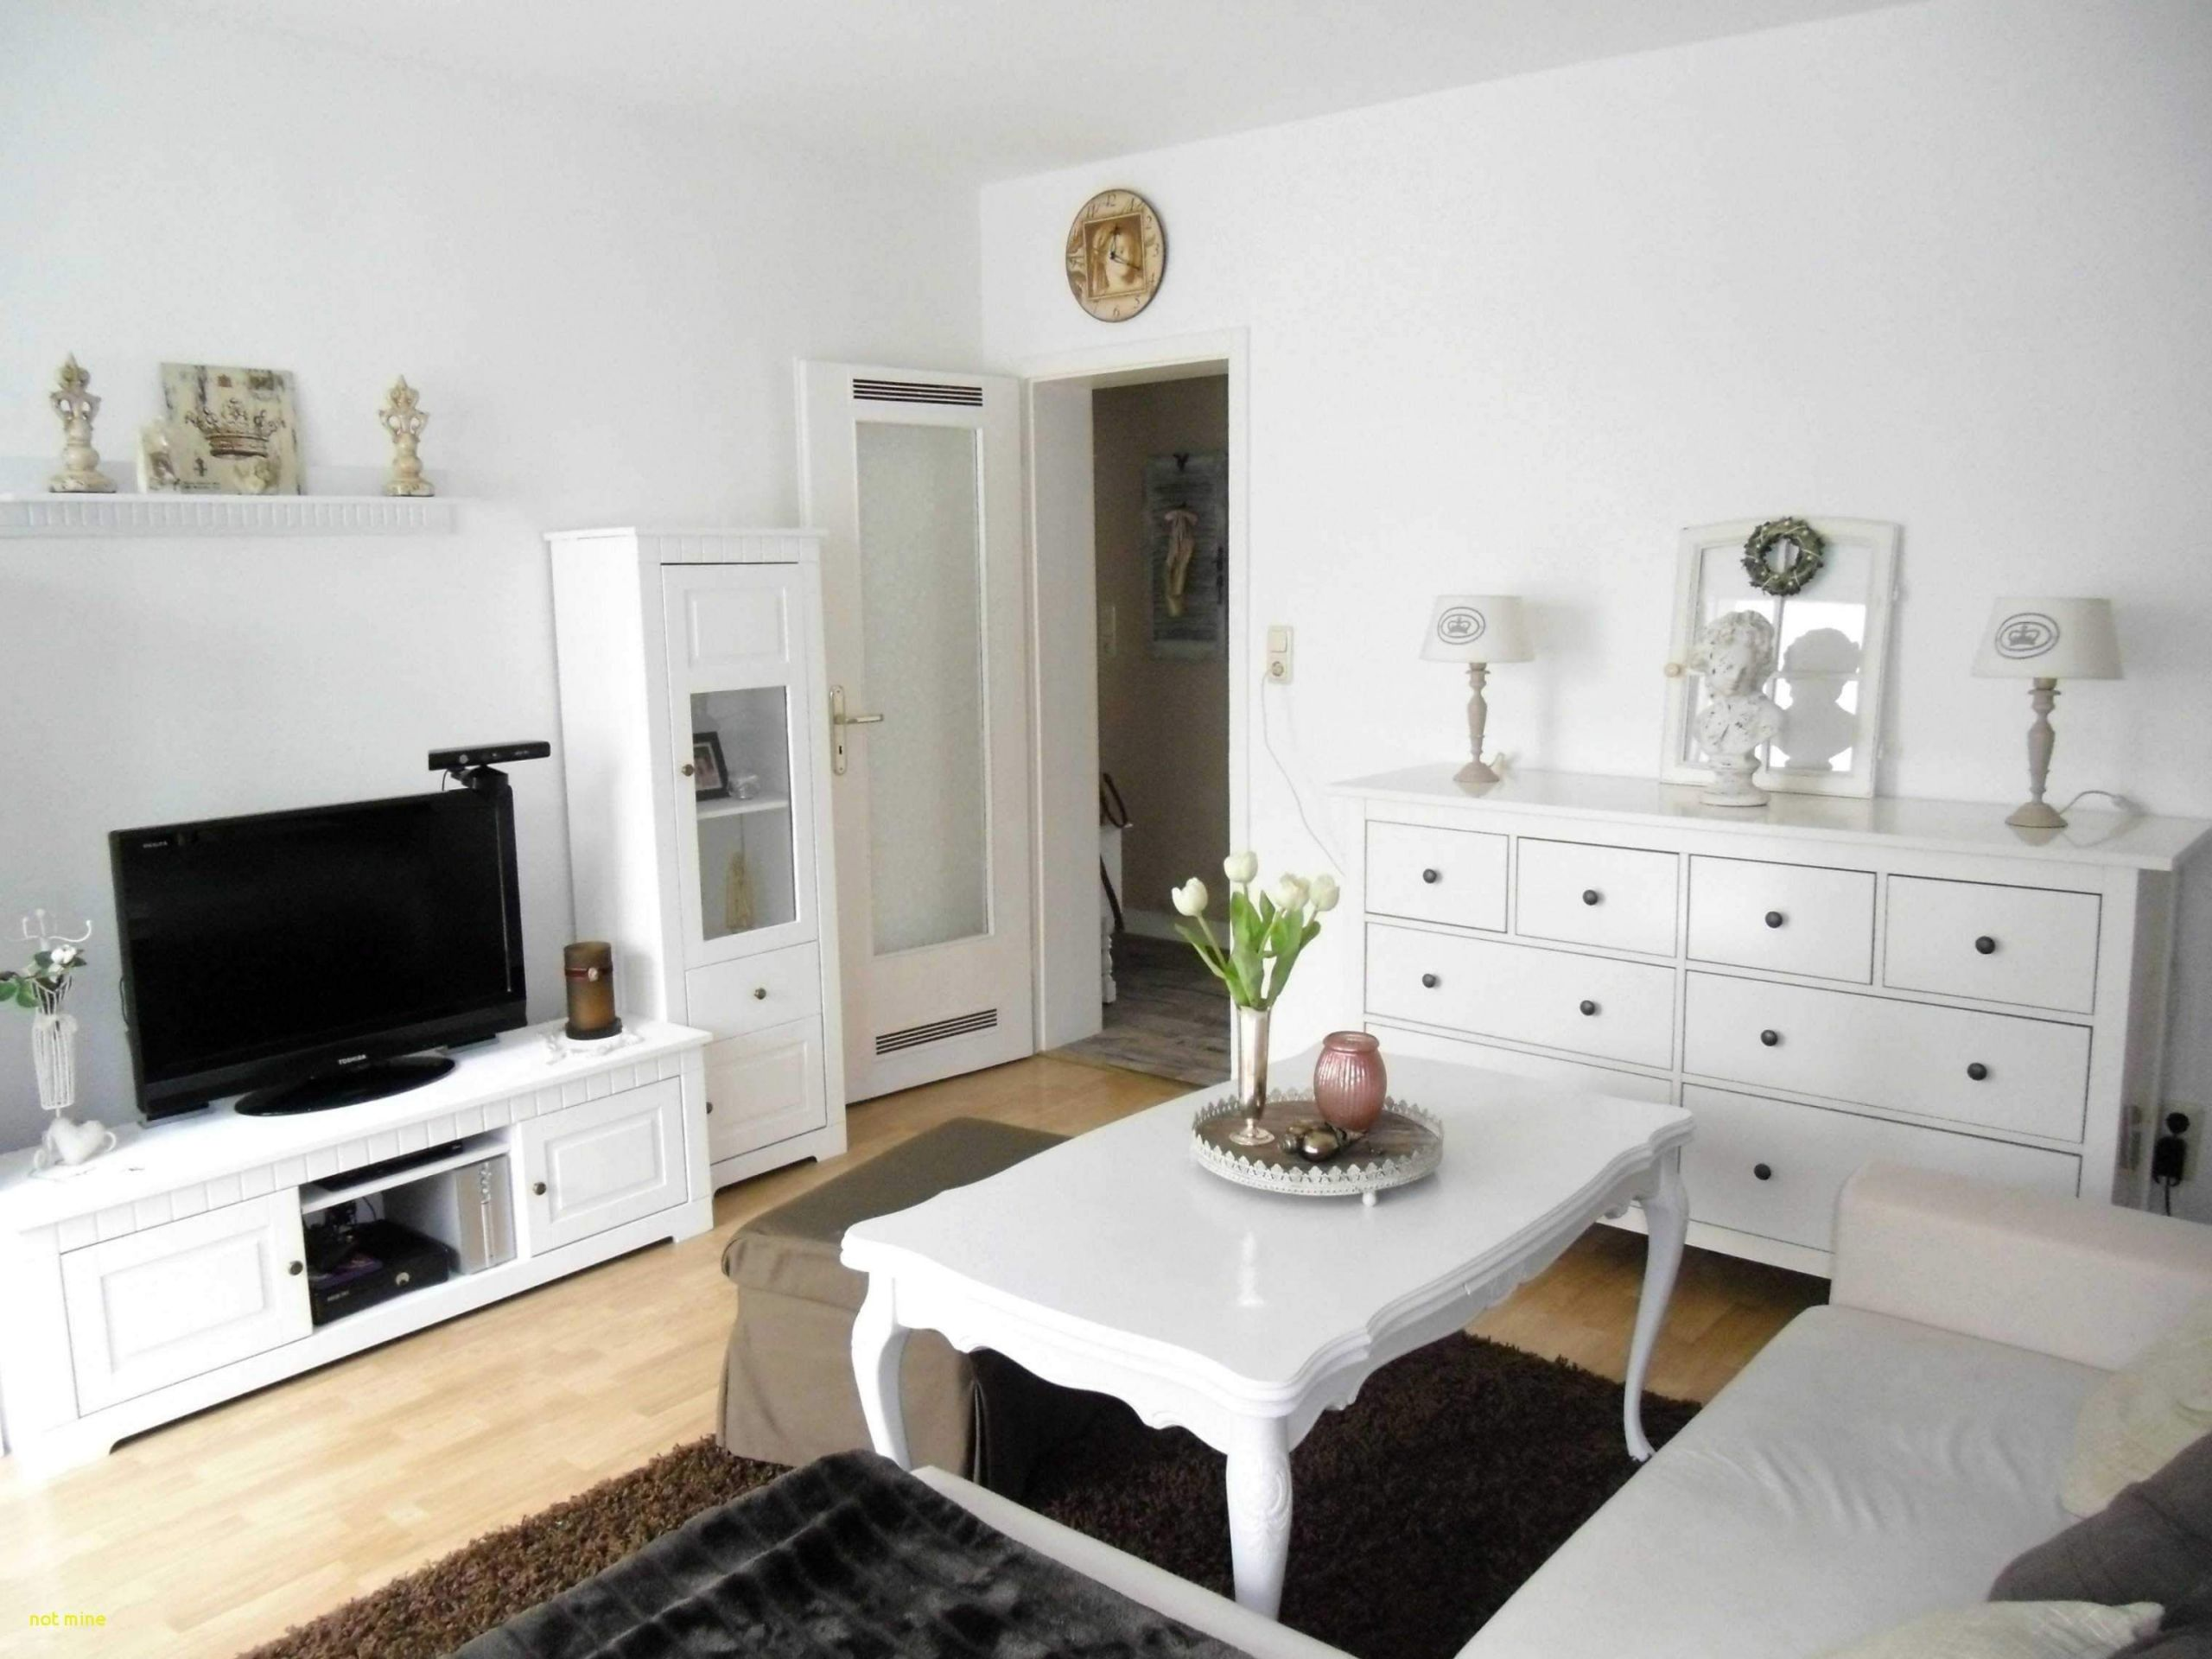 wanddekoration ideen wohnzimmer luxus 40 beste von wanddeko ideen wohnzimmer konzept of wanddekoration ideen wohnzimmer scaled